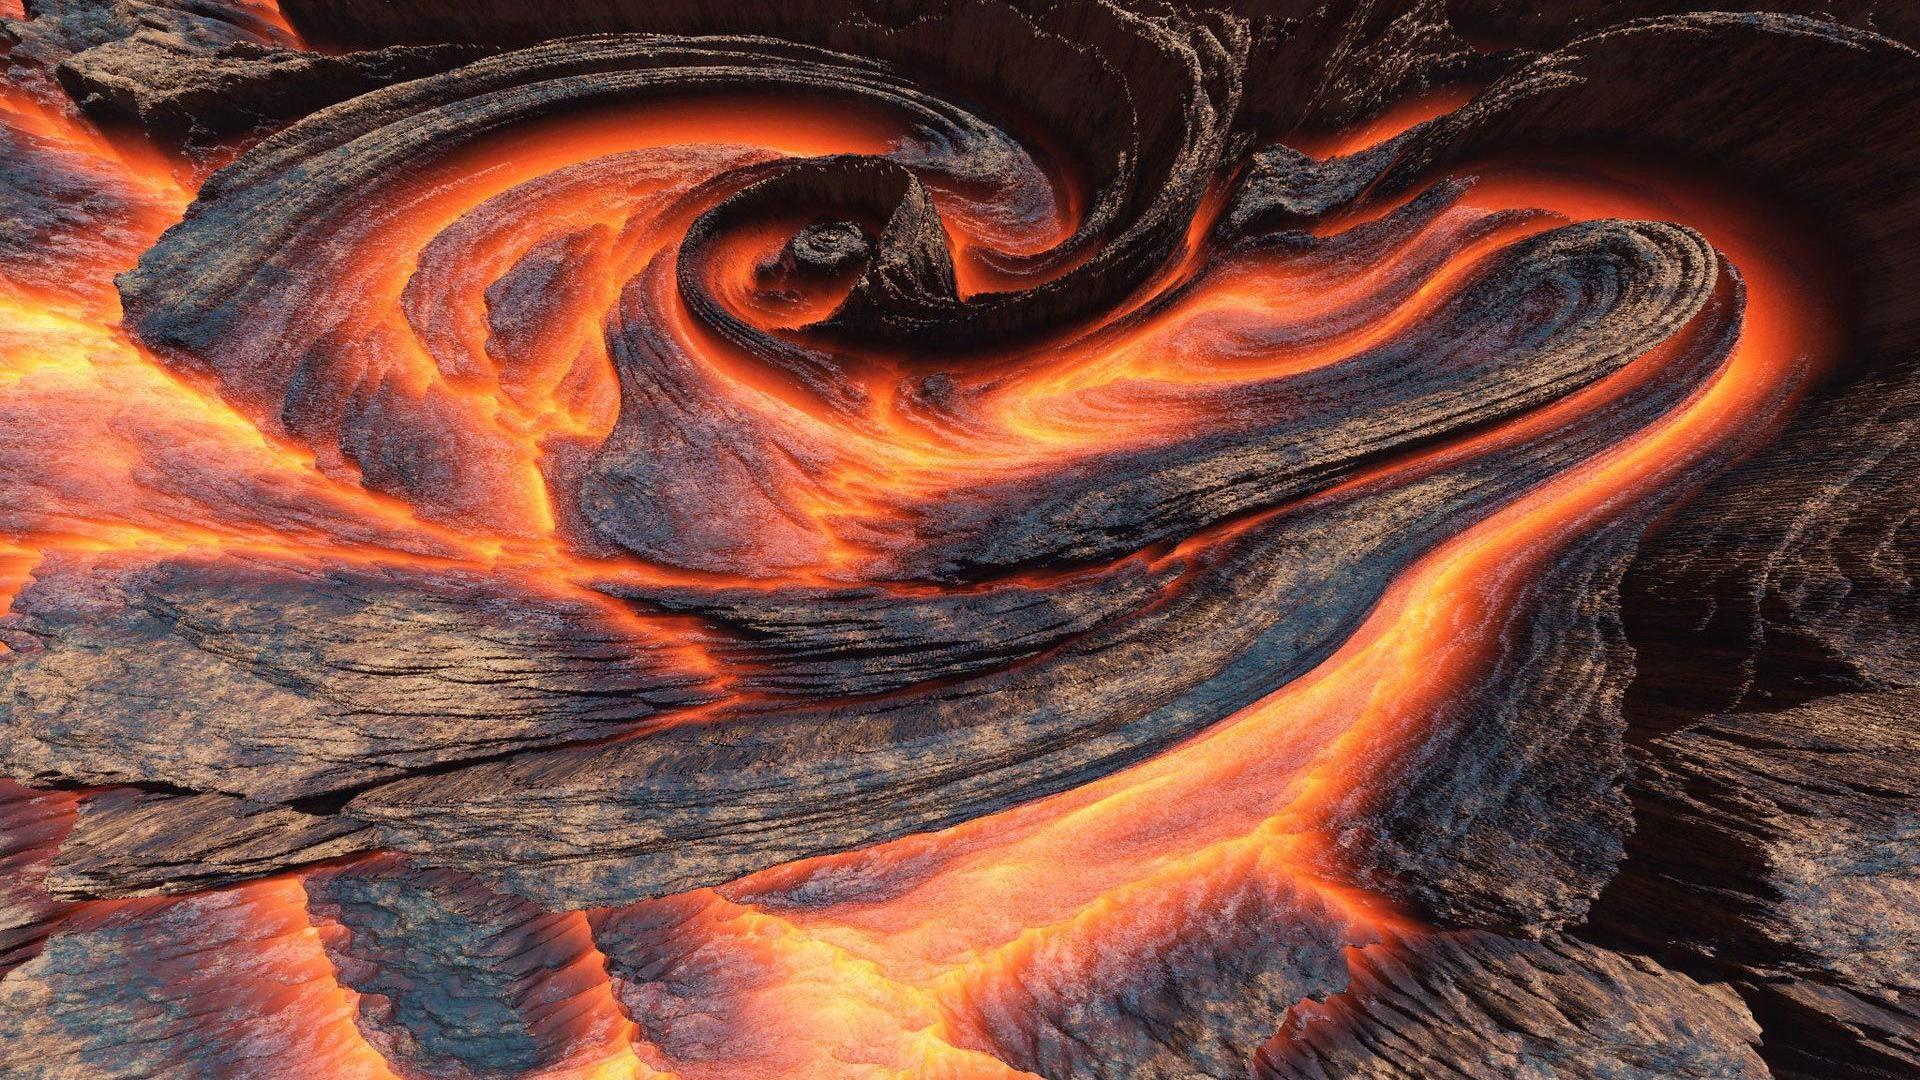 lava wallpaper - photo #14